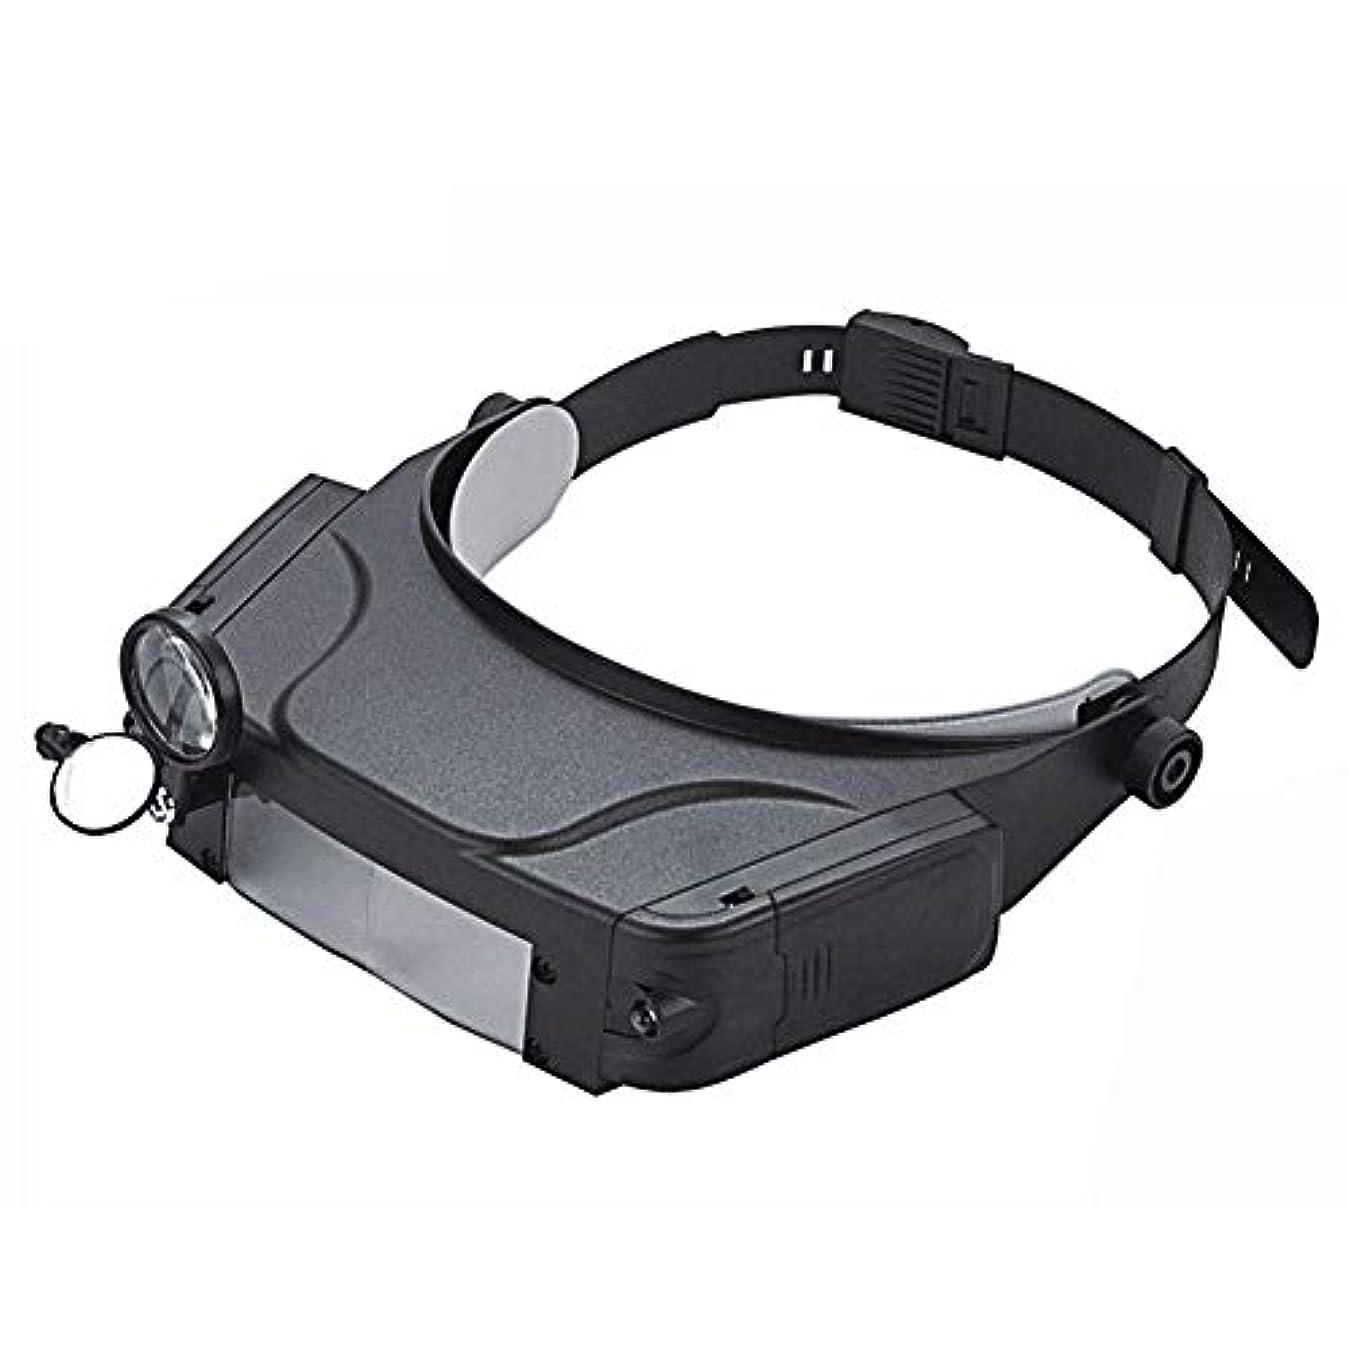 ミニチュアスキーム毛細血管照明付きヘッドセット拡大鏡、1.5倍、3倍、6.5倍、8倍、2 Ledライト付きヘッドフリー拡大鏡、電子機器用まつげクラフトジュエリーサーキット時計修理